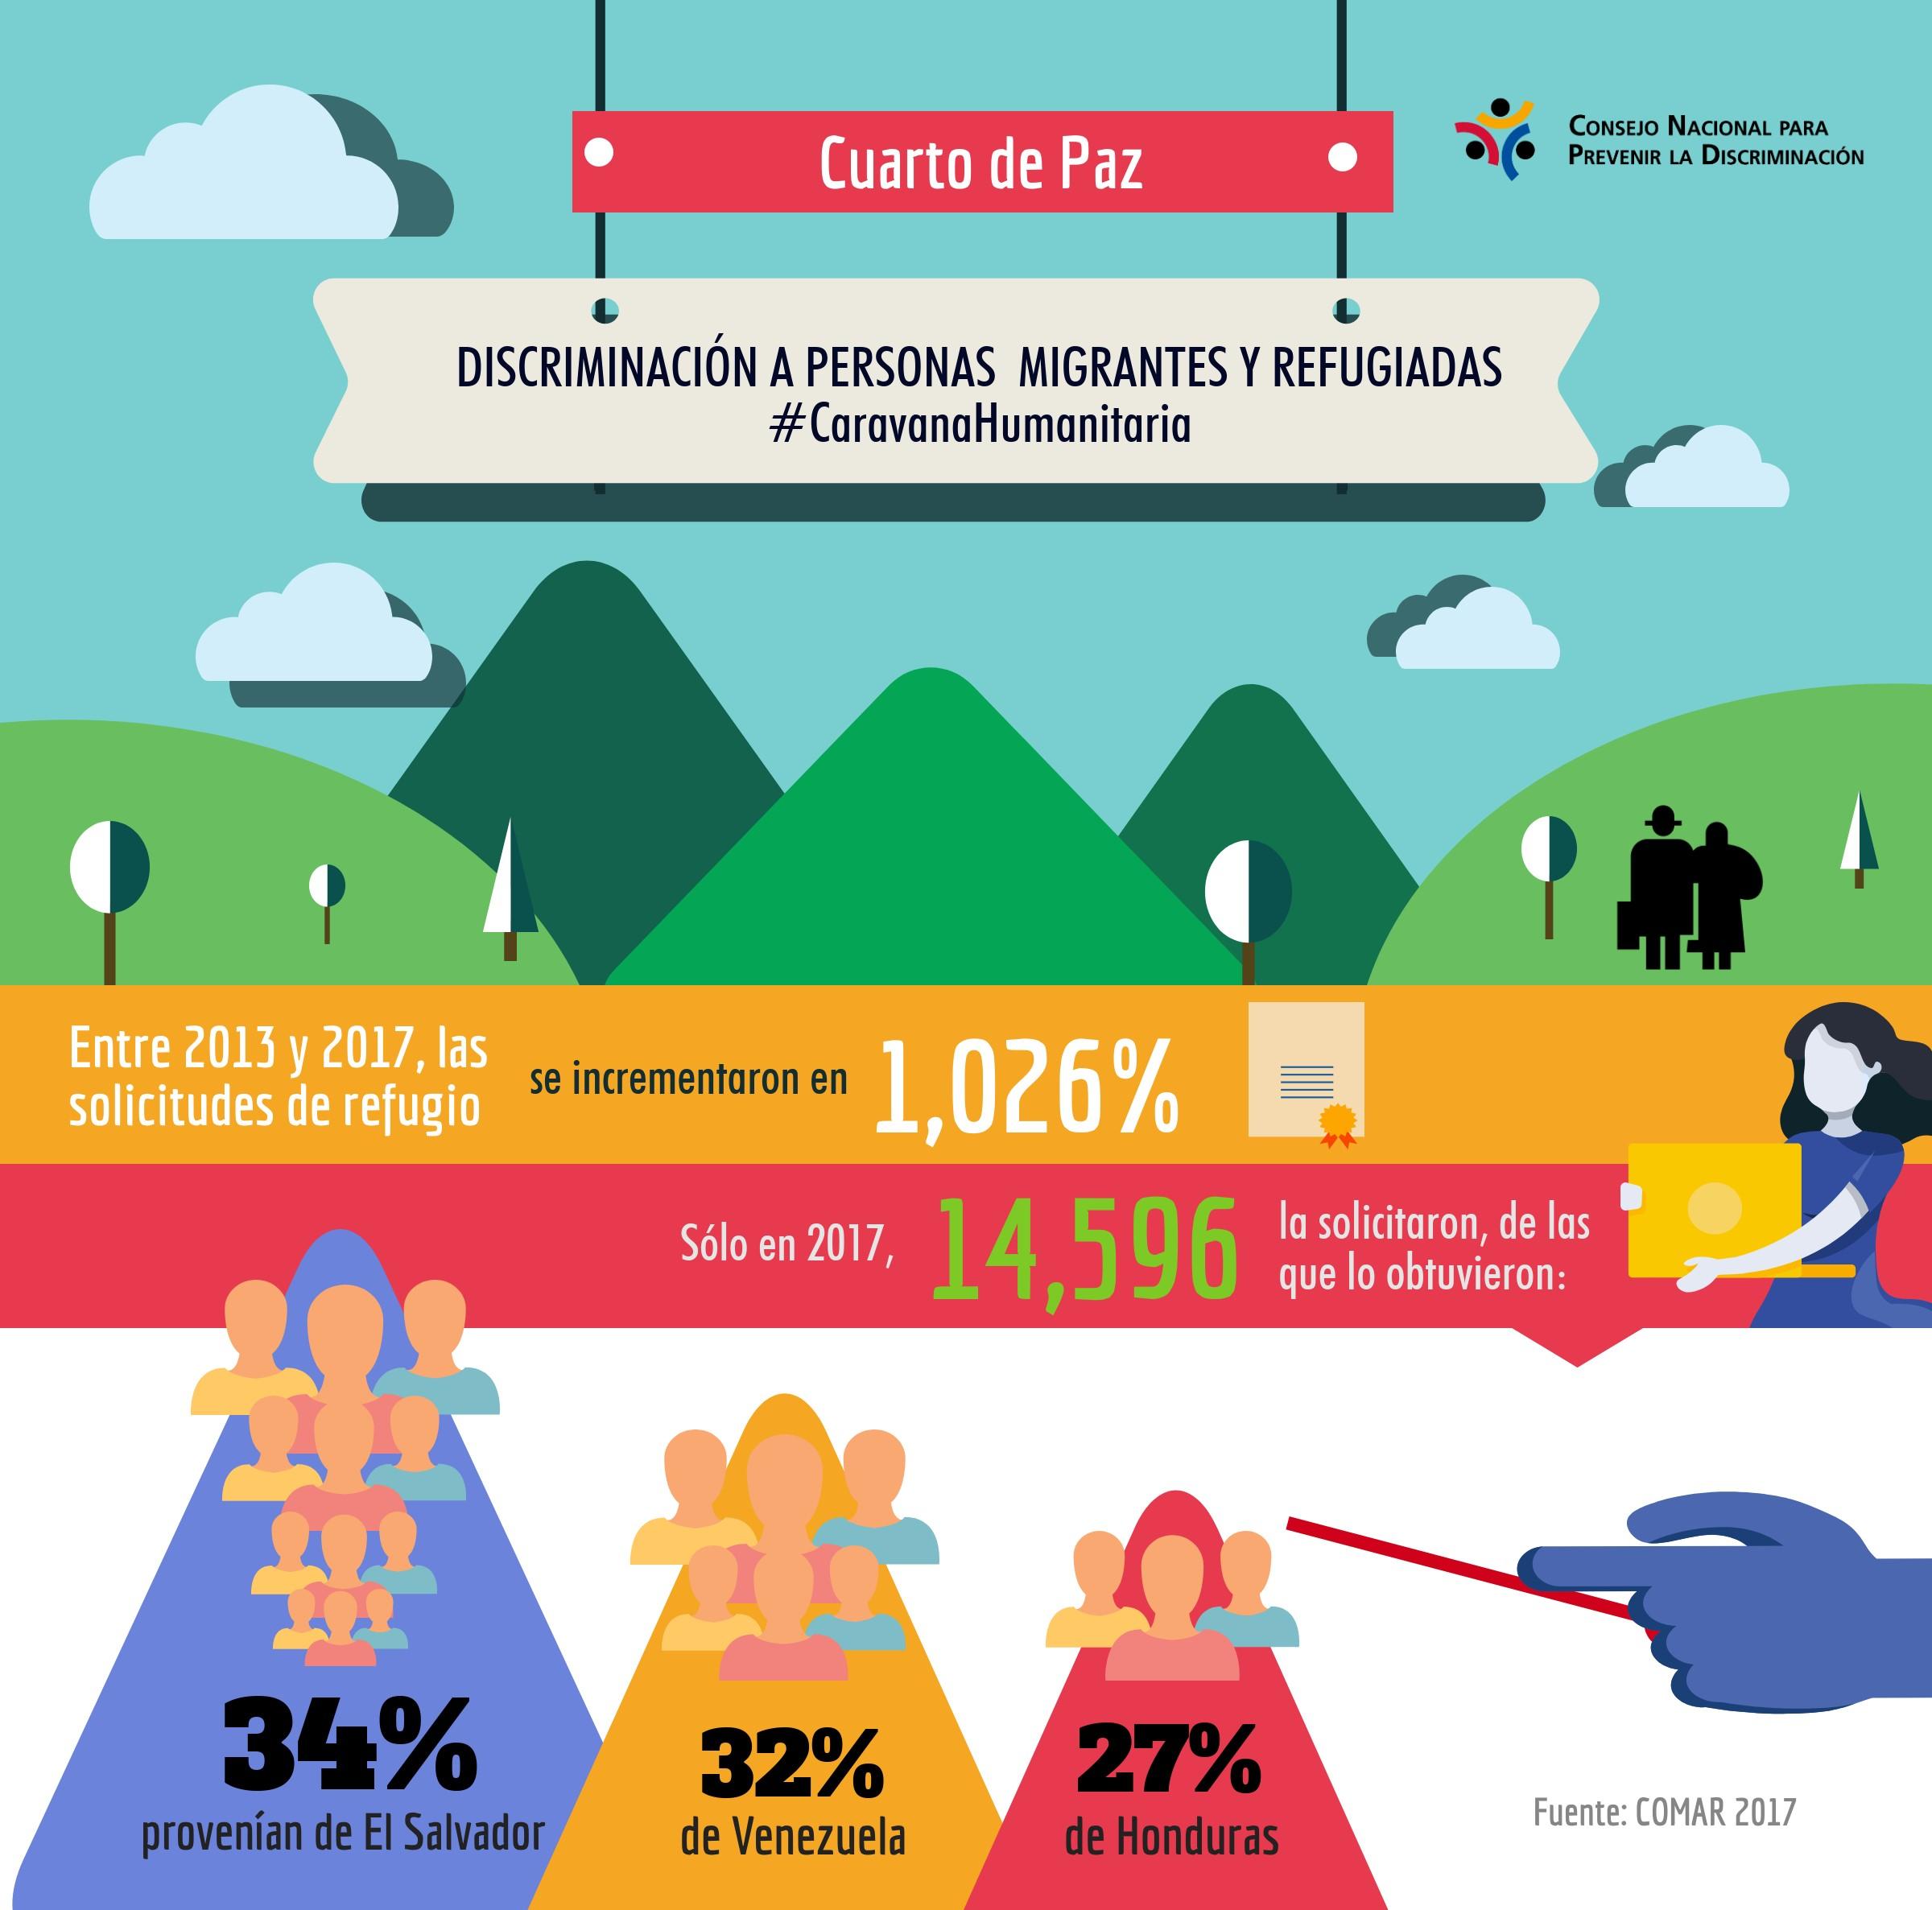 Gráfico que arroja cifras del incremento de solicitudes de refugio